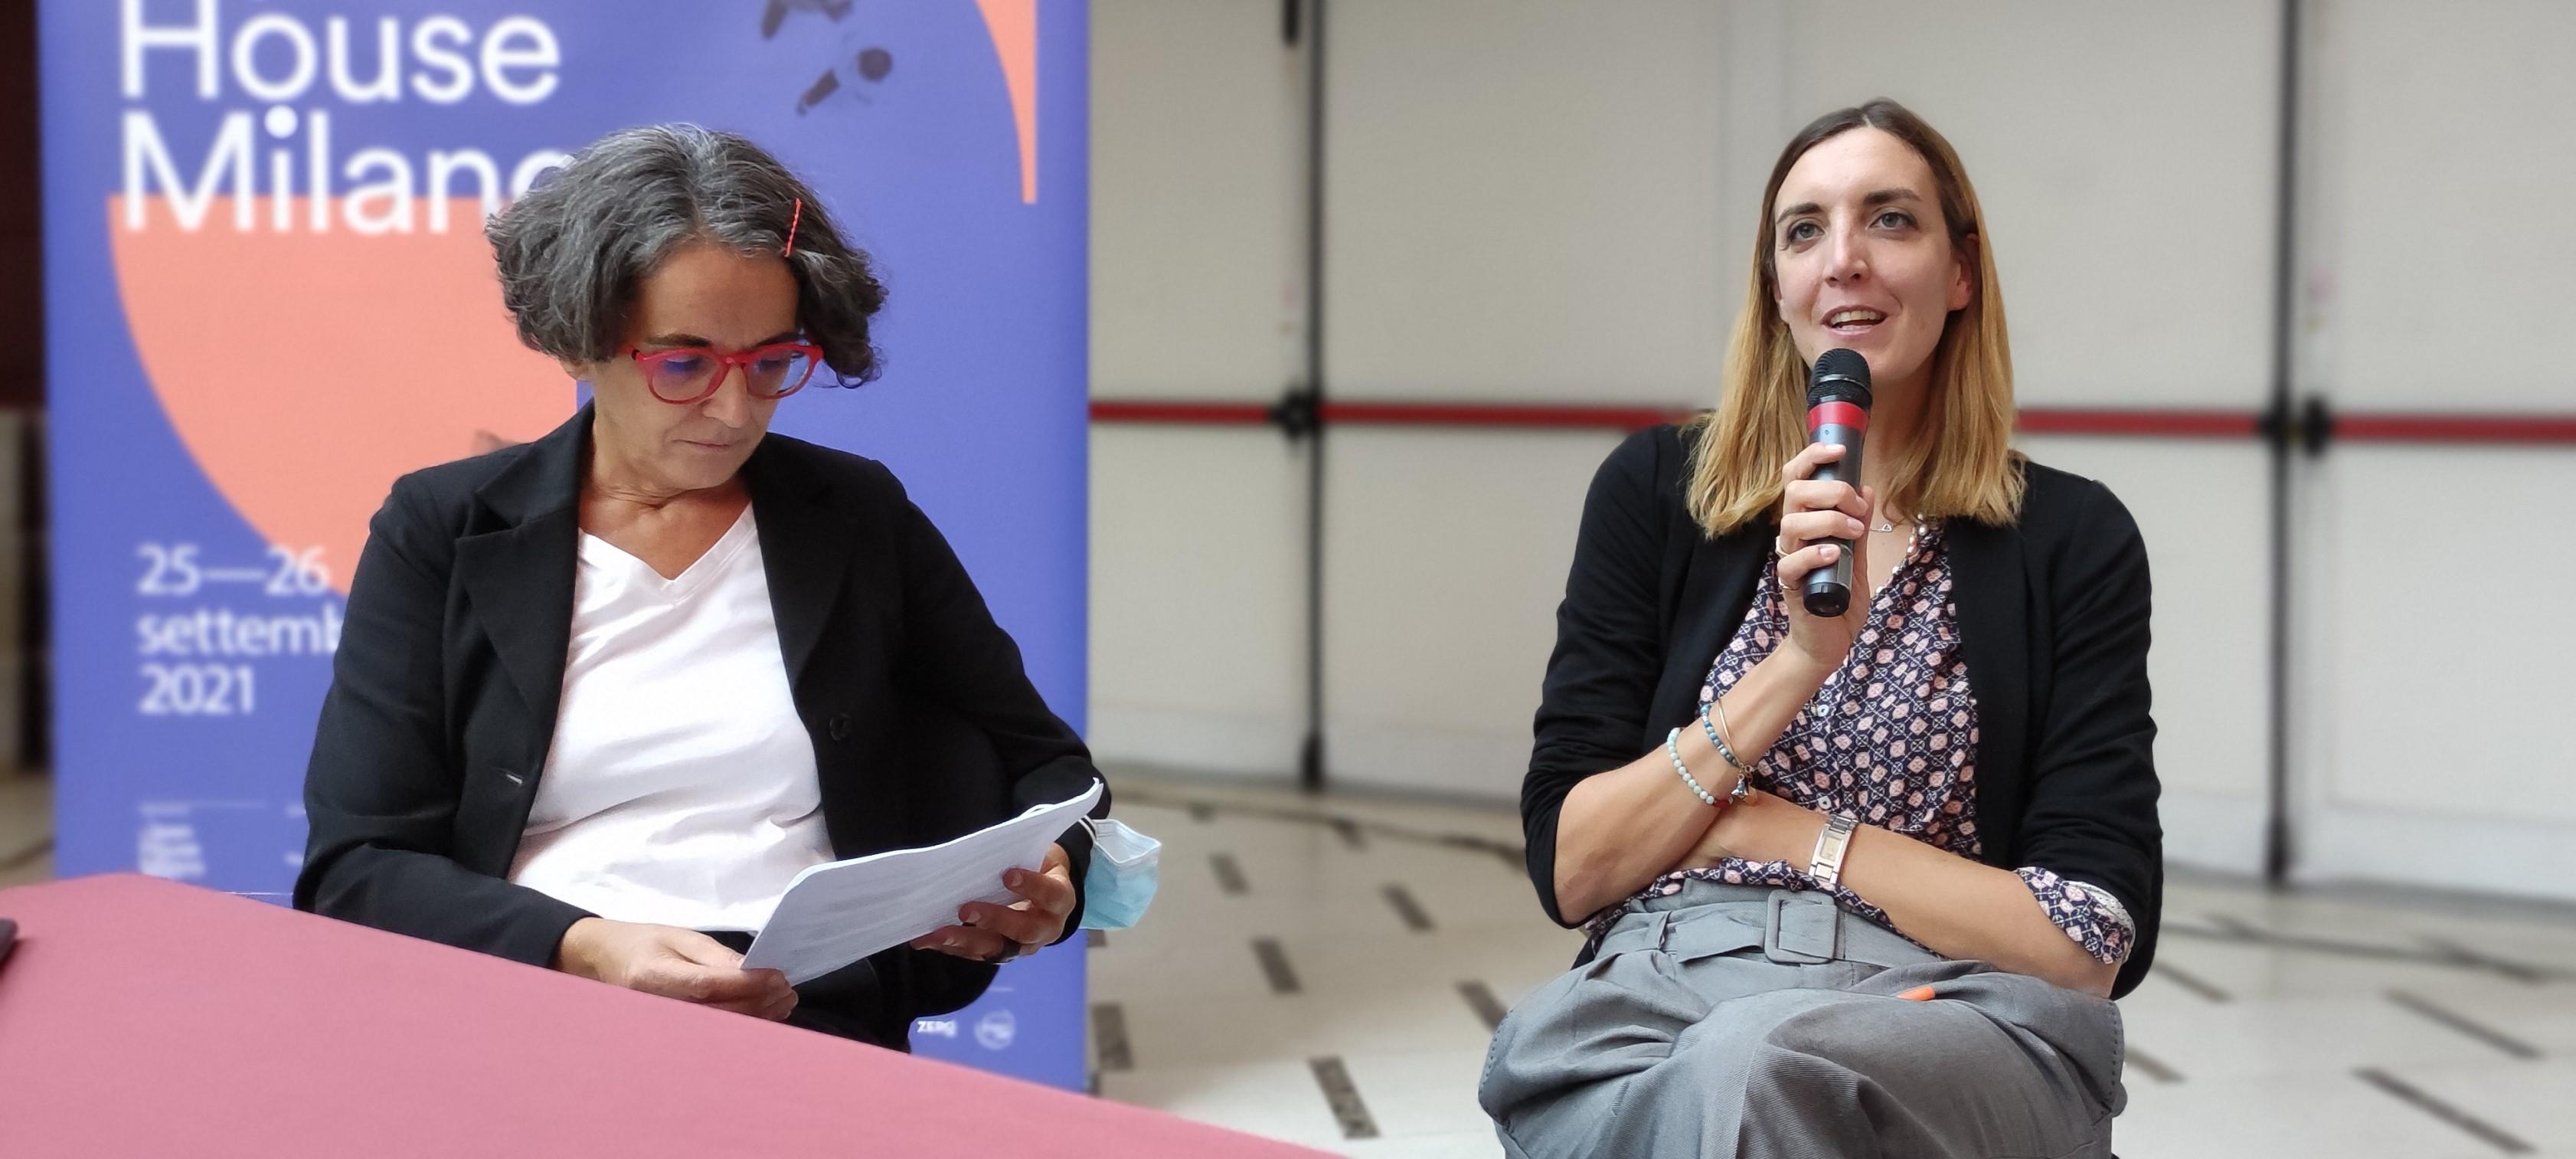 Maya Plata, direttore OHM e Sara Banti, caporedattore ABITARE